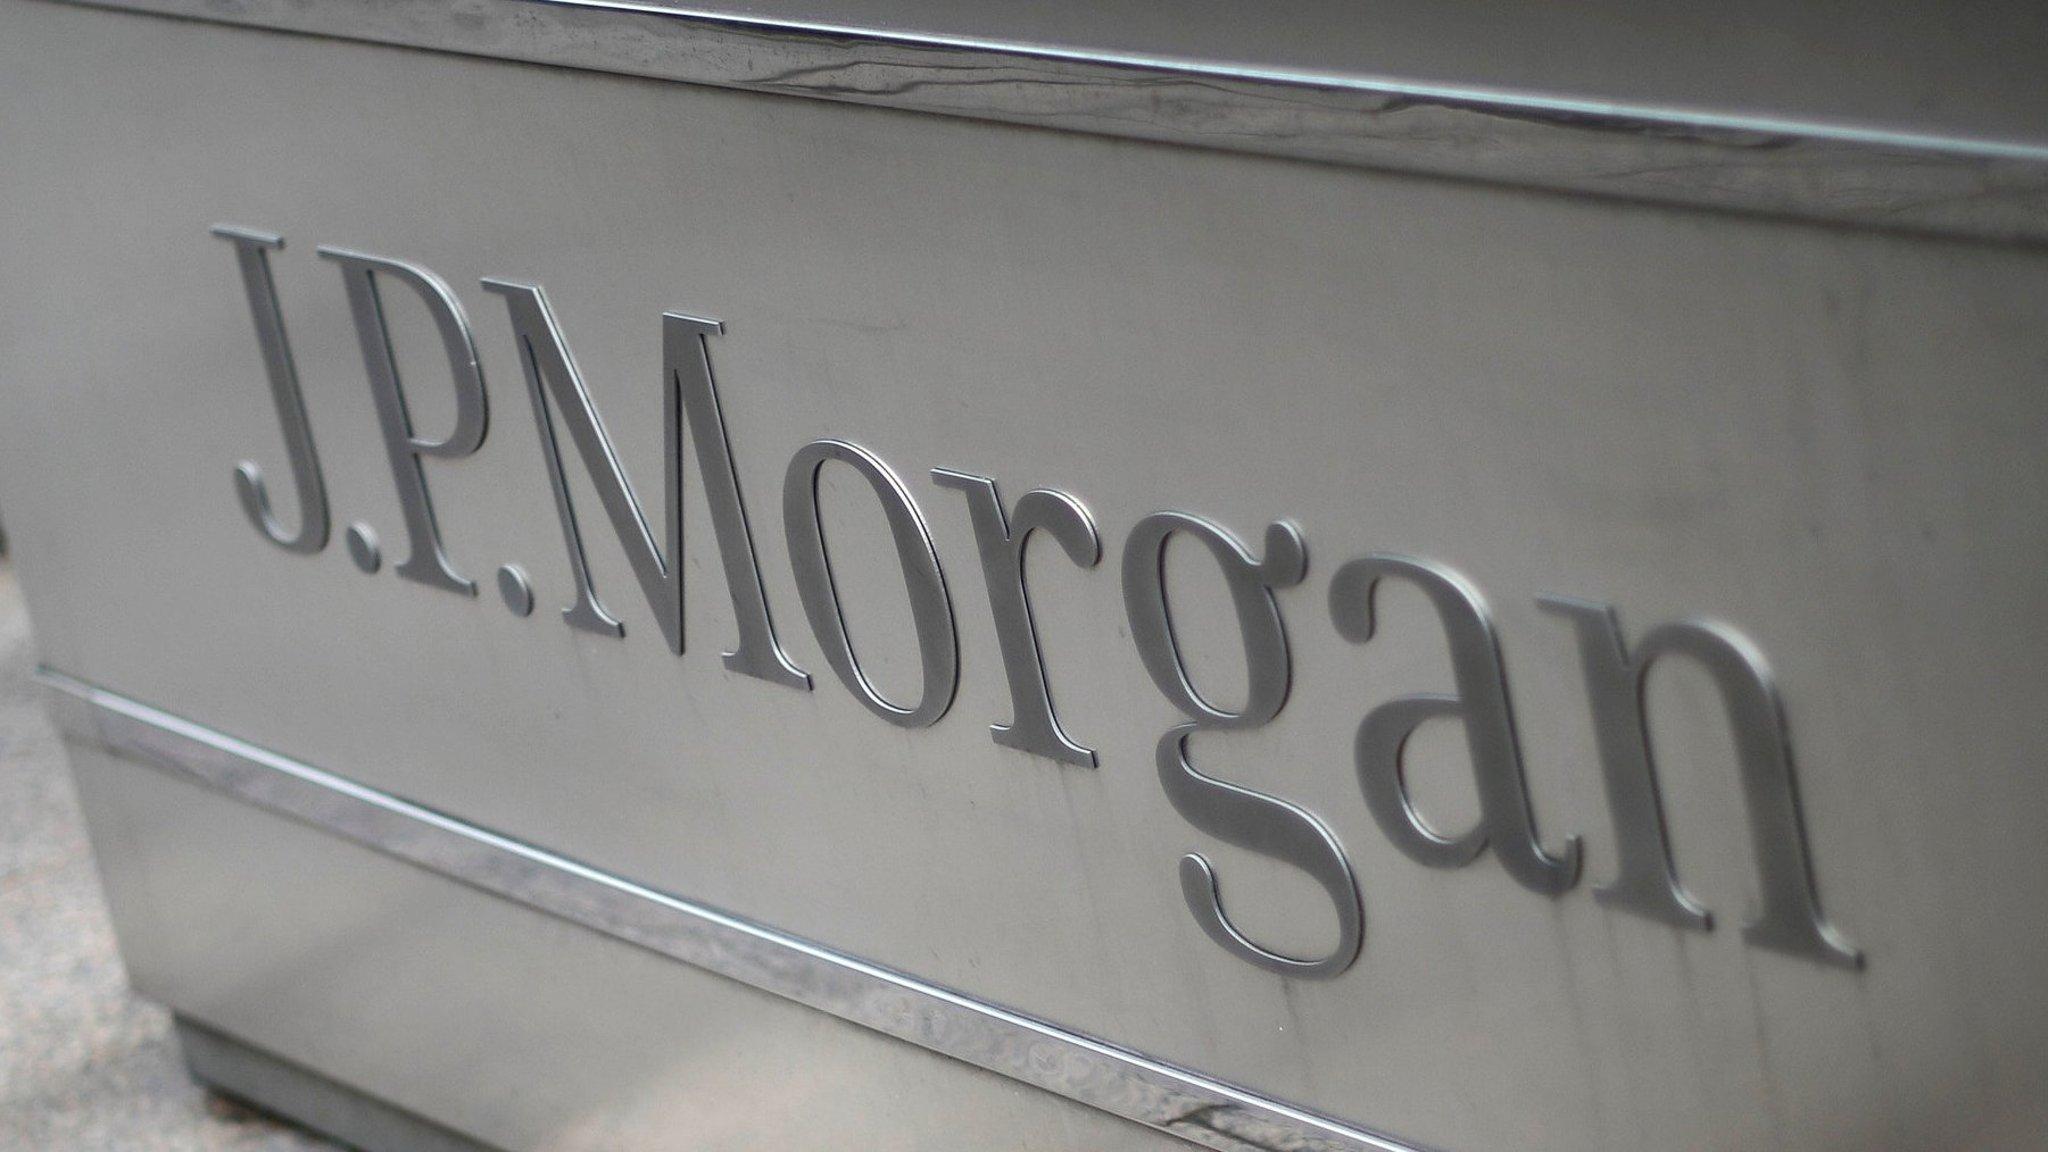 JPMorgan hakee lohkoketju-asiantuntijoita maksuverkoston tehostamiseksi